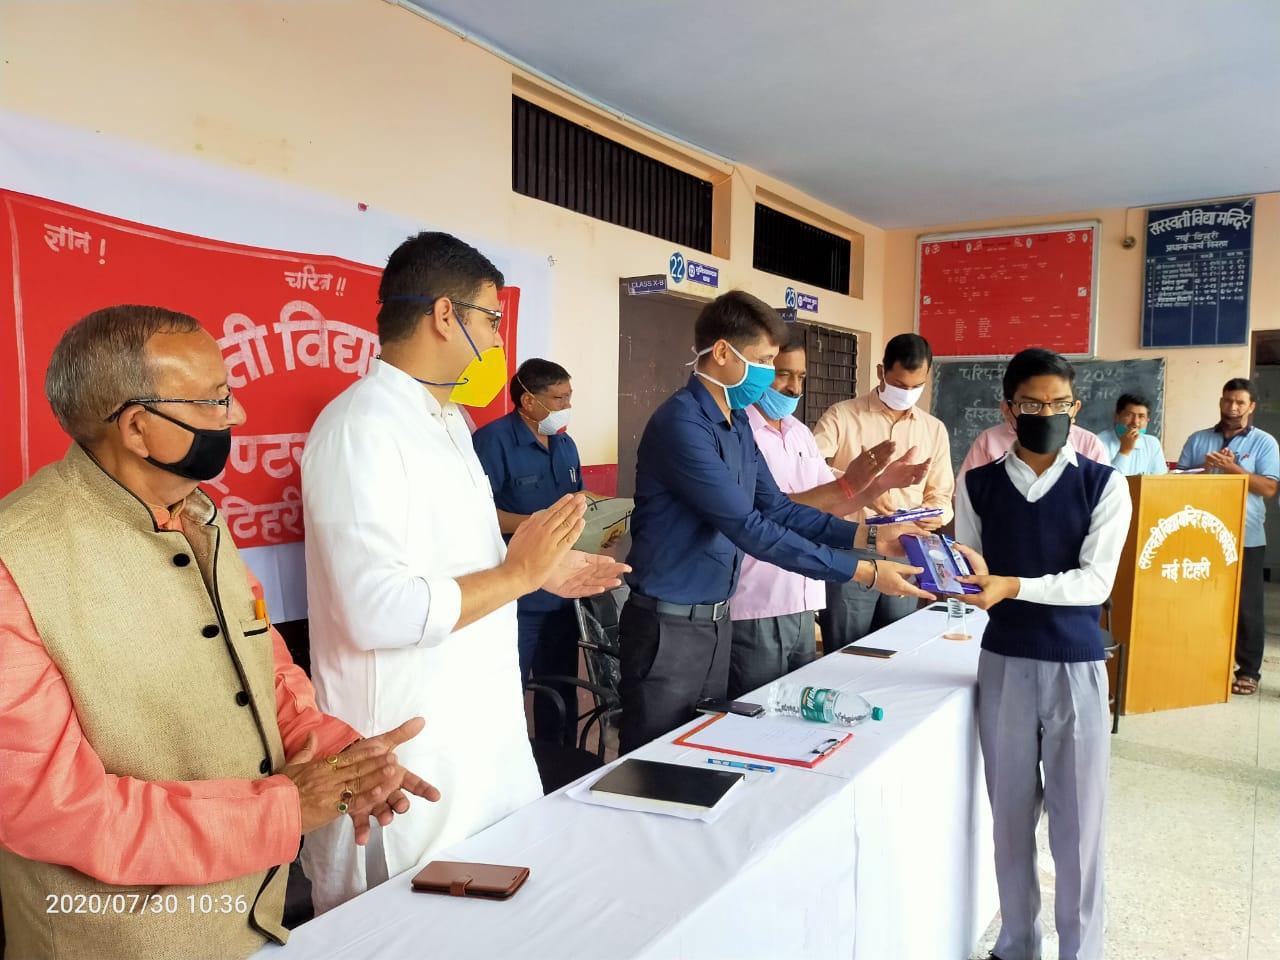 छात्रों को संस्कार परख शिक्षा देने में सरस्वती विद्या मंदिरों का कार्य सराहनीय-डीएम